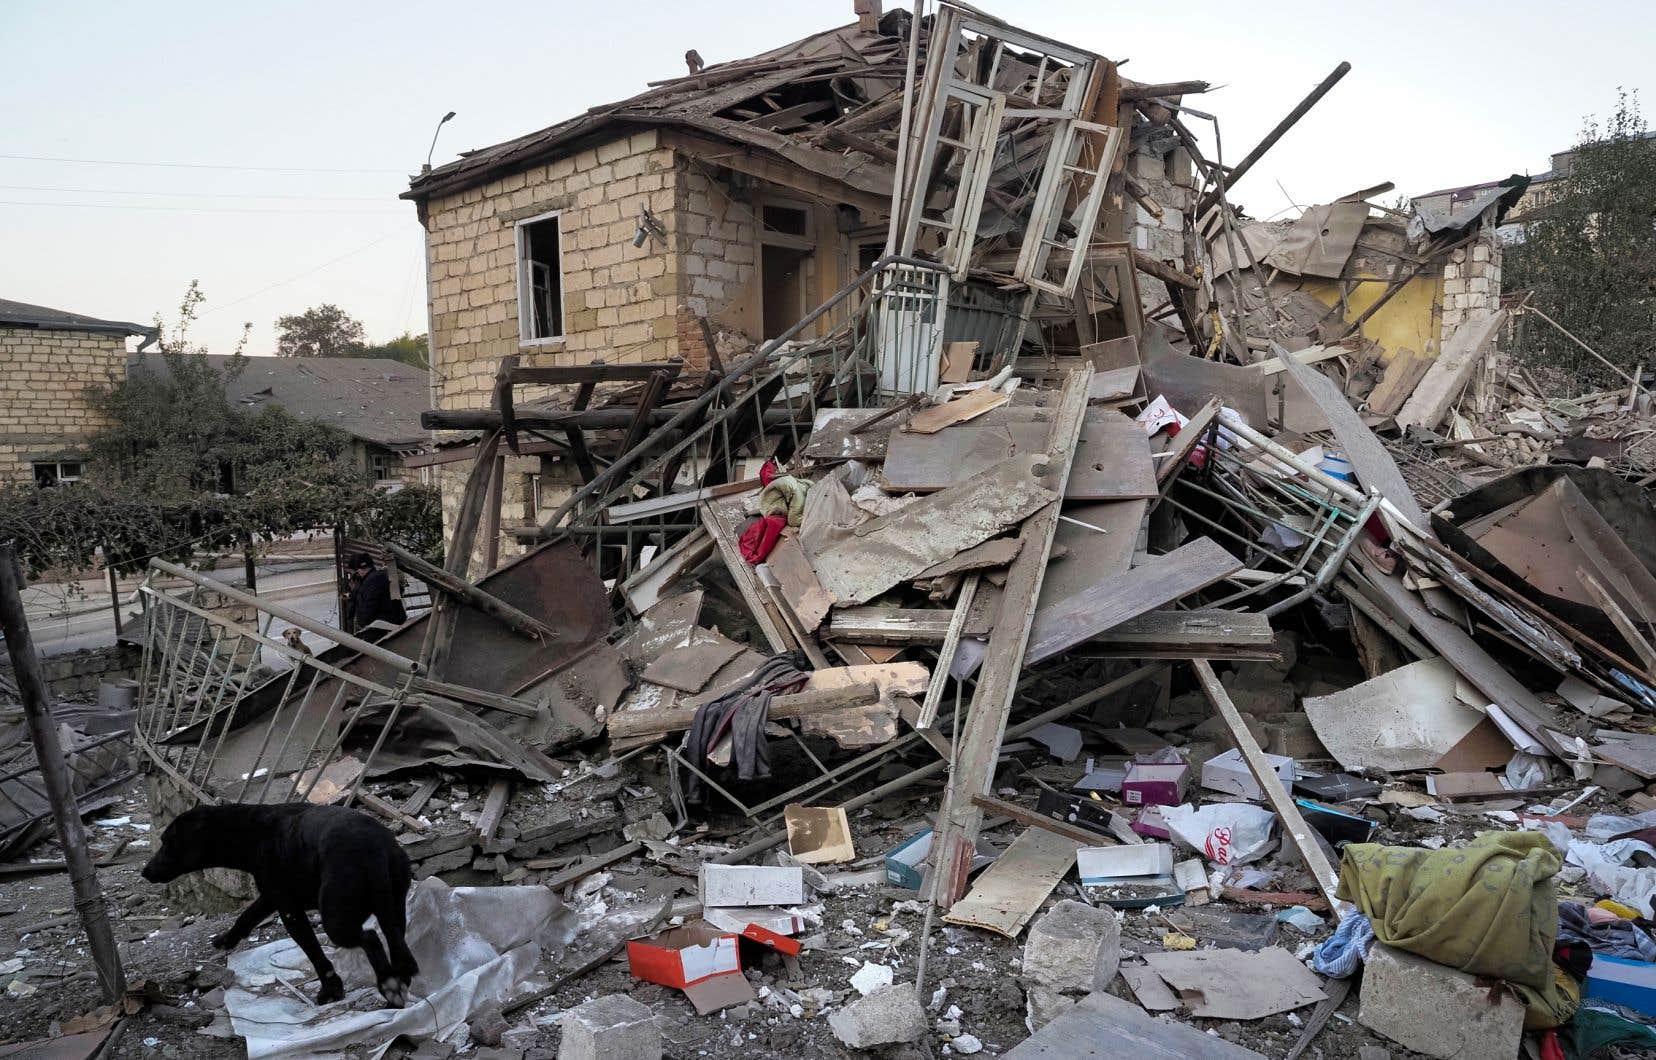 «Le Canada a donc sa part de responsabilité dans le carnage perpétré dans la région du Haut-Karabakh», affirme l'auteur.